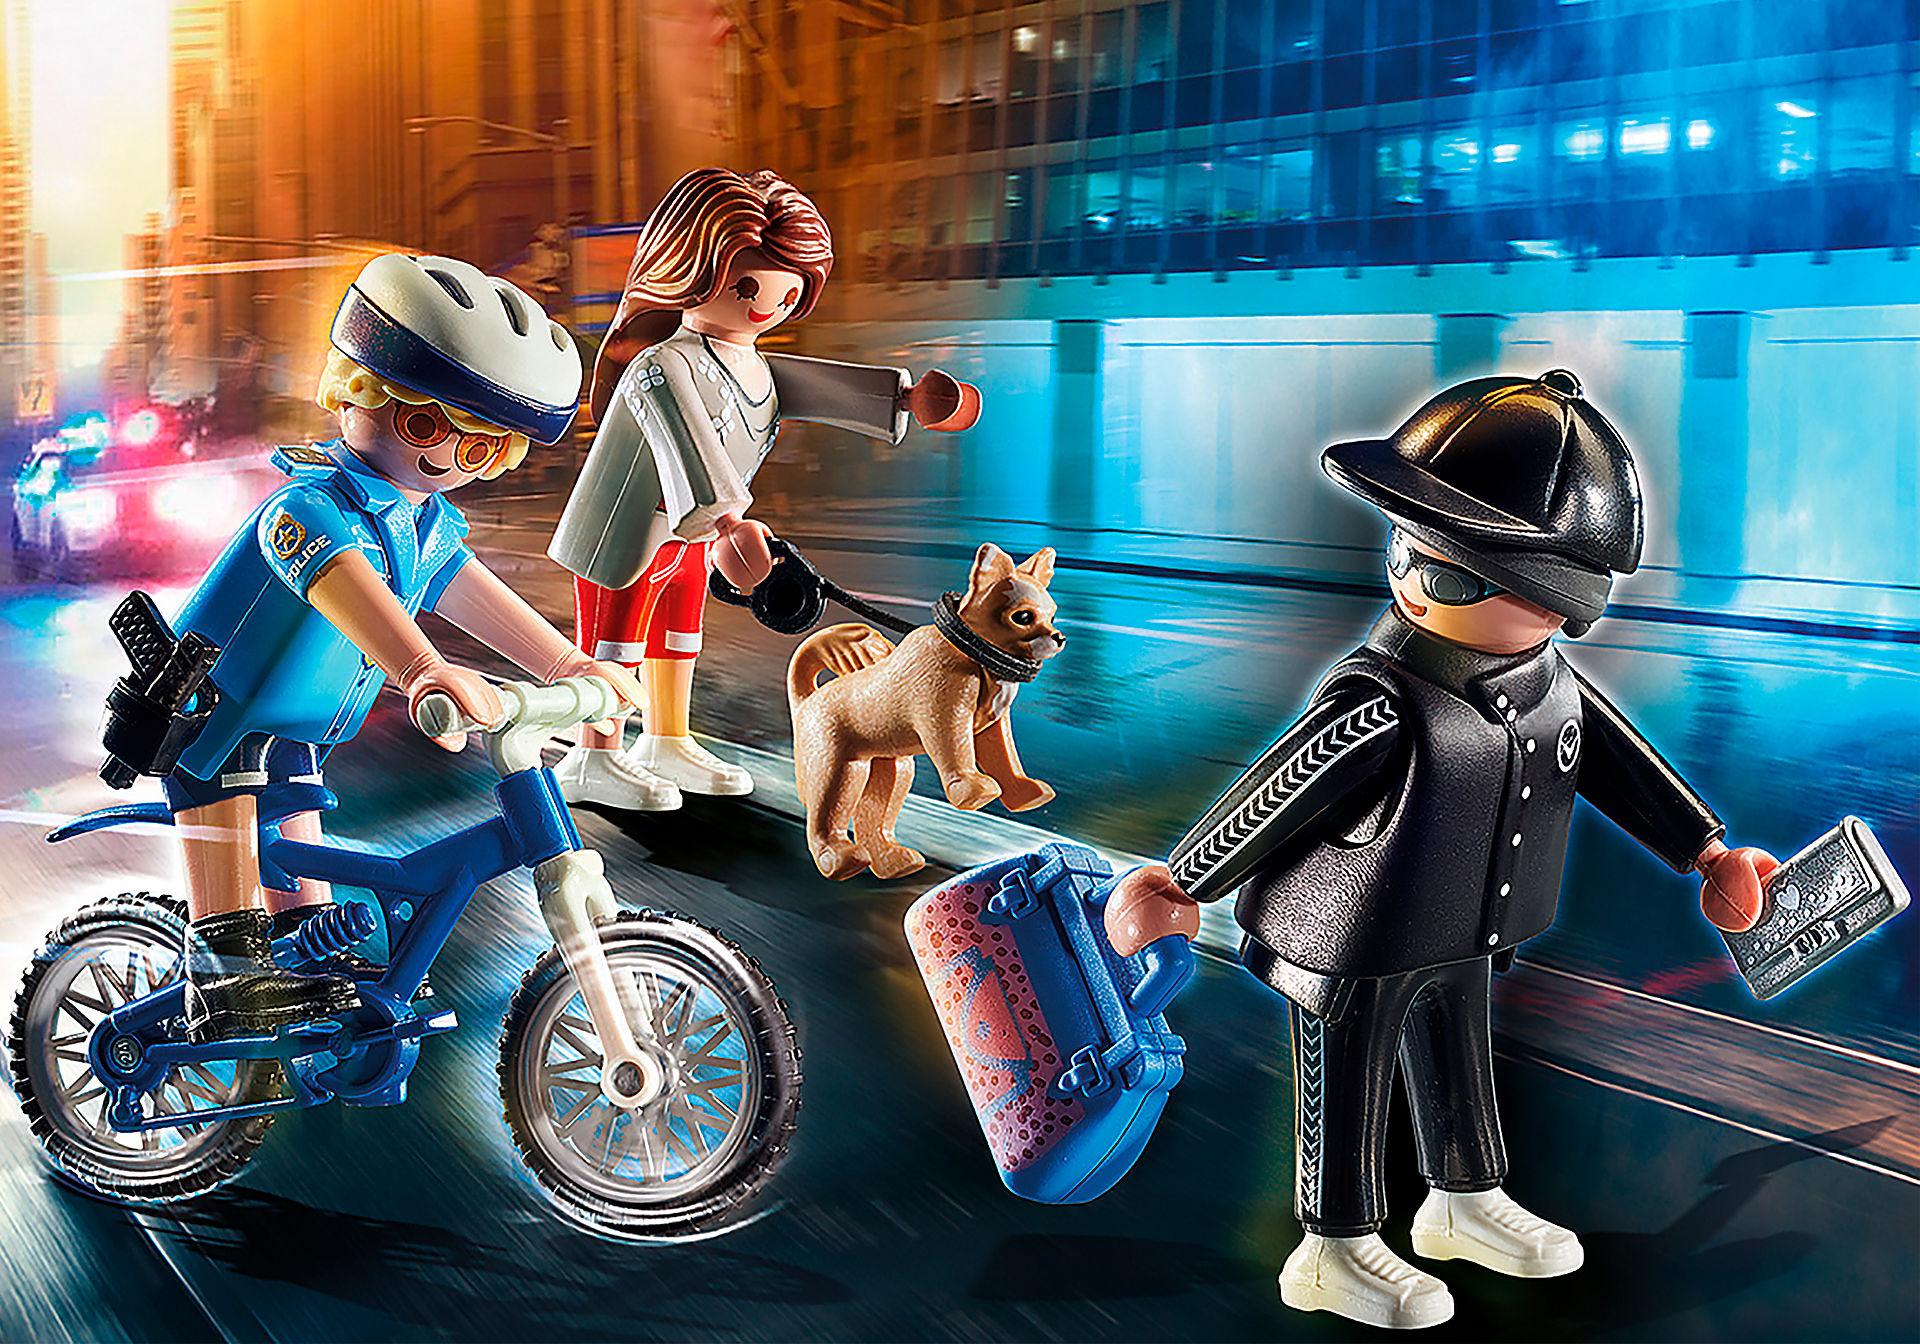 70573 Bicicleta da Polícia: Perseguição ao ladrão de carteiras zoom image1